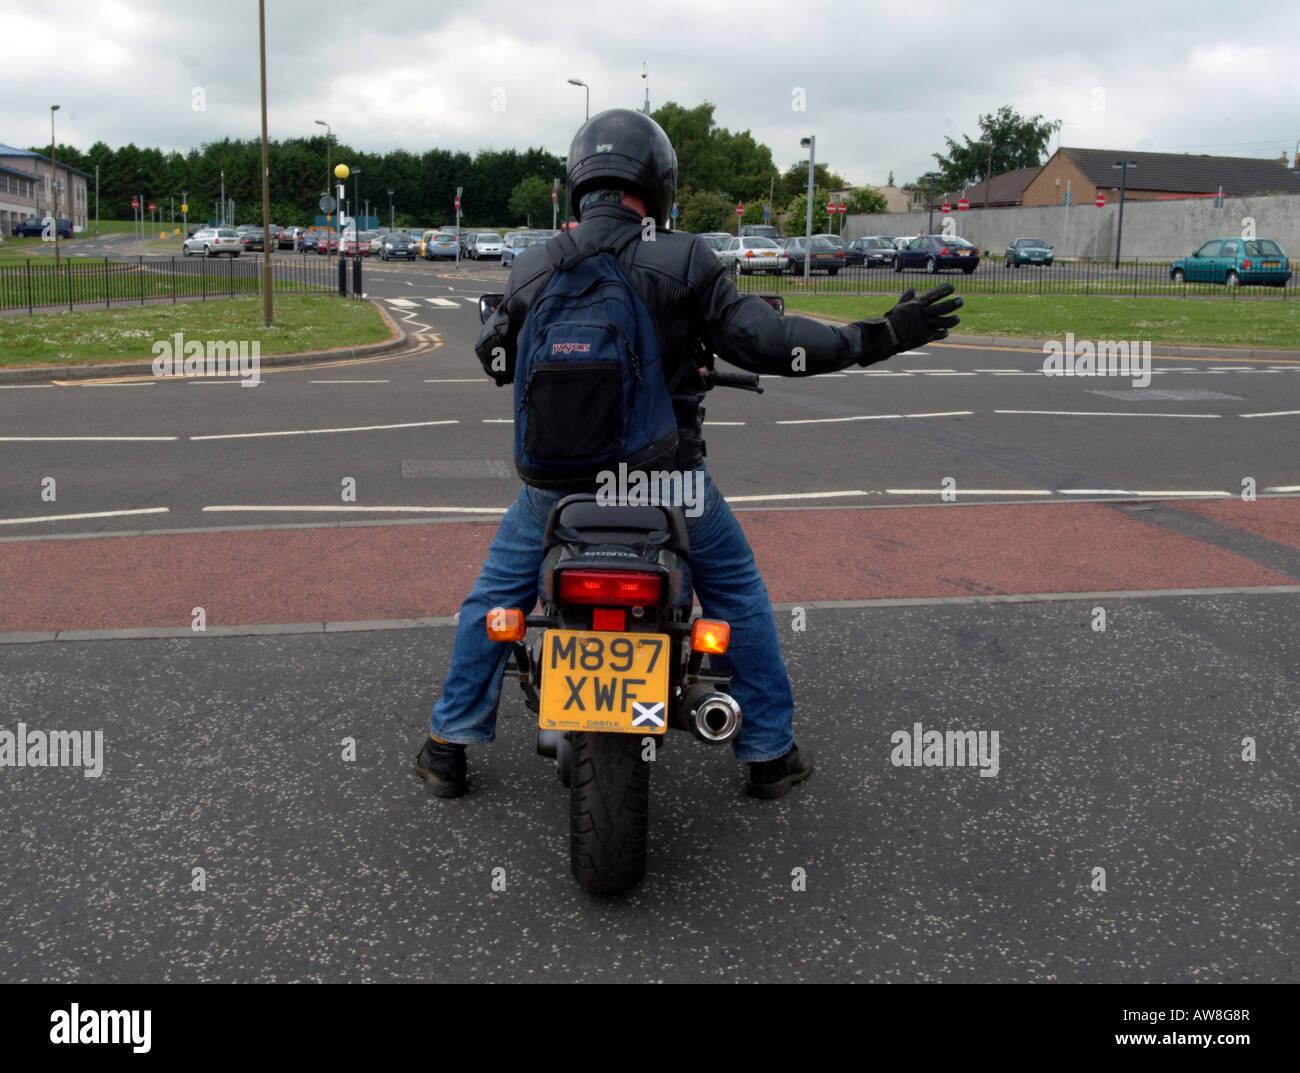 Un motocycliste de signalisation tournez à droite Photo Stock